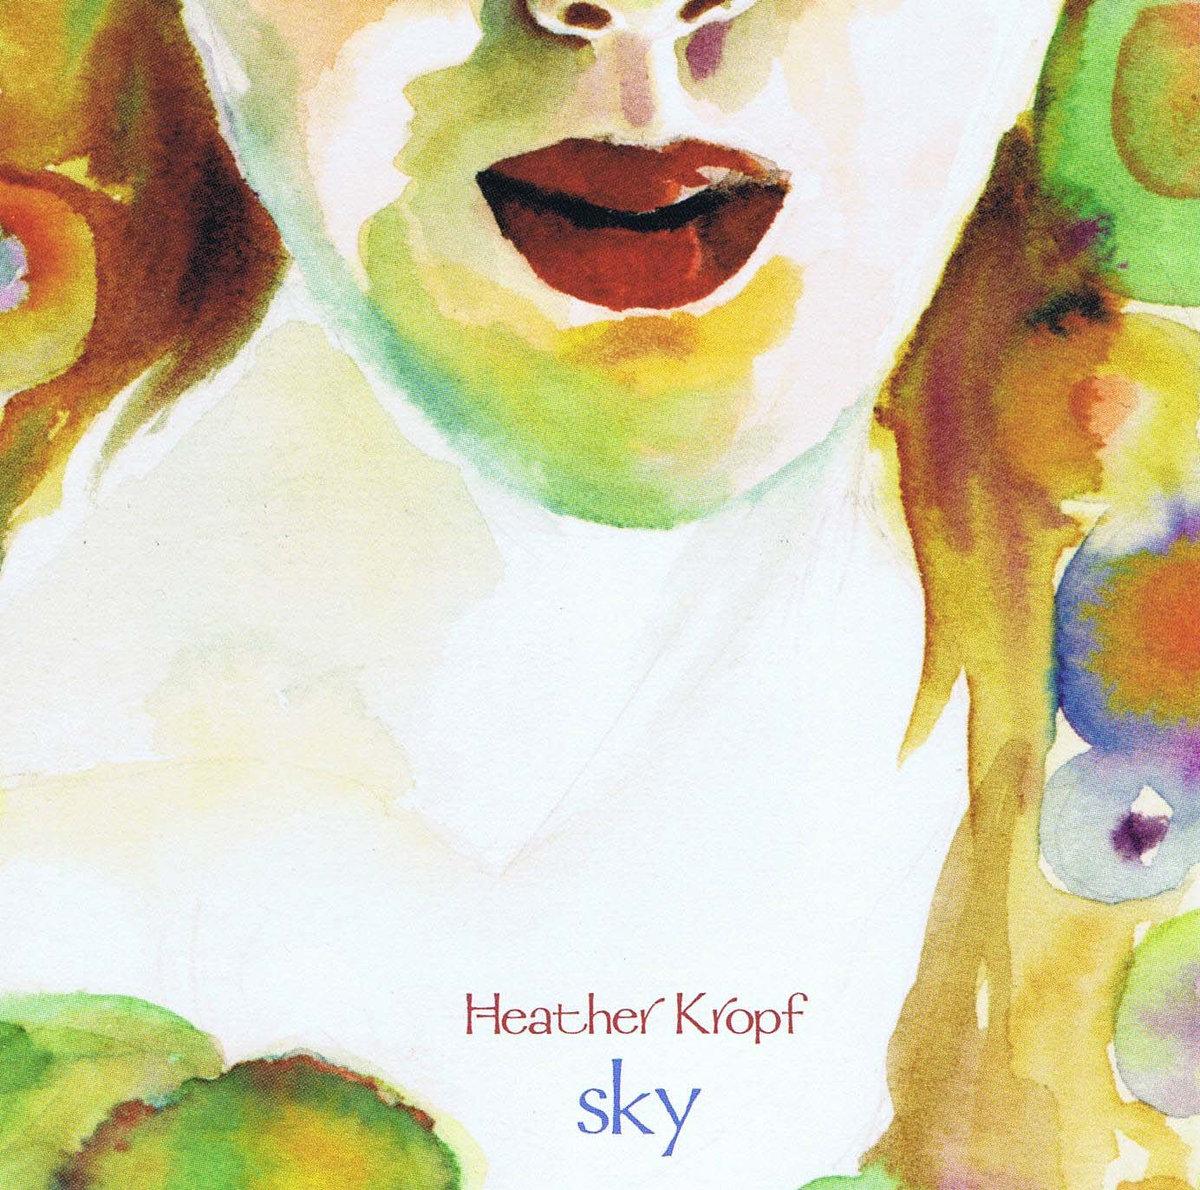 Sky album cover.jpg